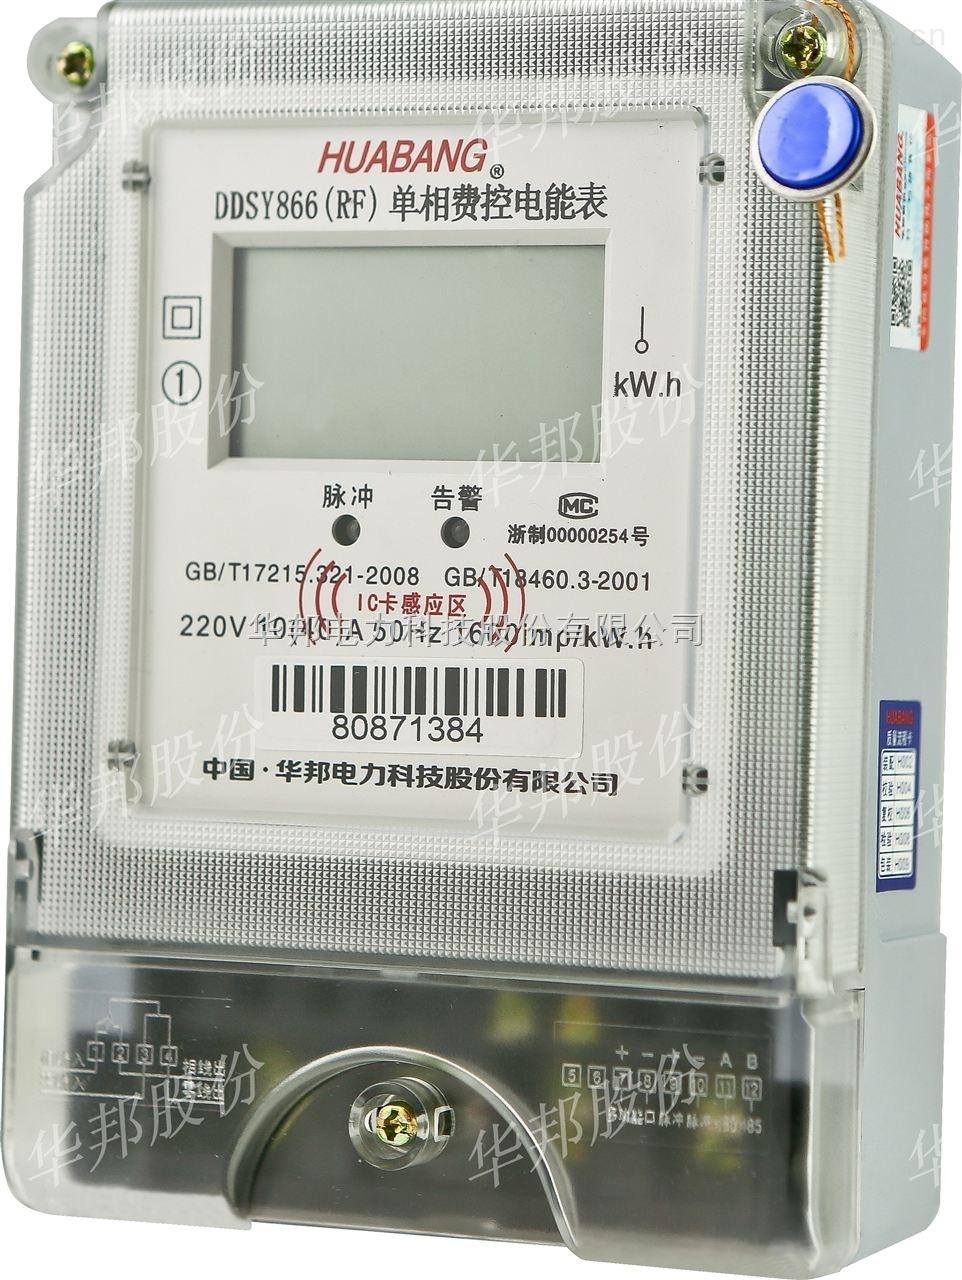 电子式射频卡预付费电表供应商